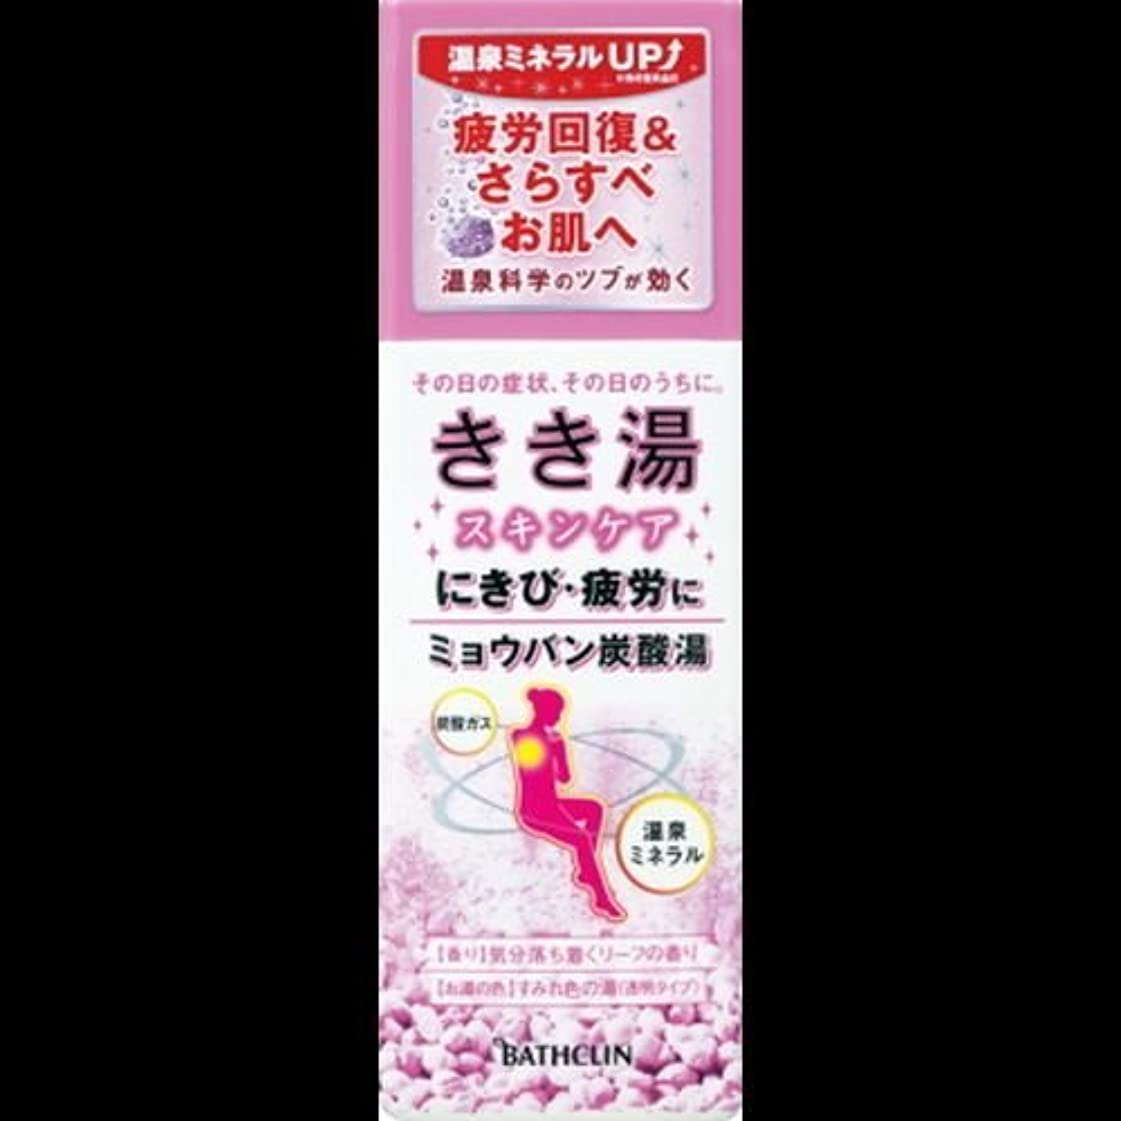 専門秘密のパパ【まとめ買い】きき湯 ミョウバン炭酸湯 気分落ち着くリーフの香り すみれ色の湯(透明タイプ) 360g ×2セット